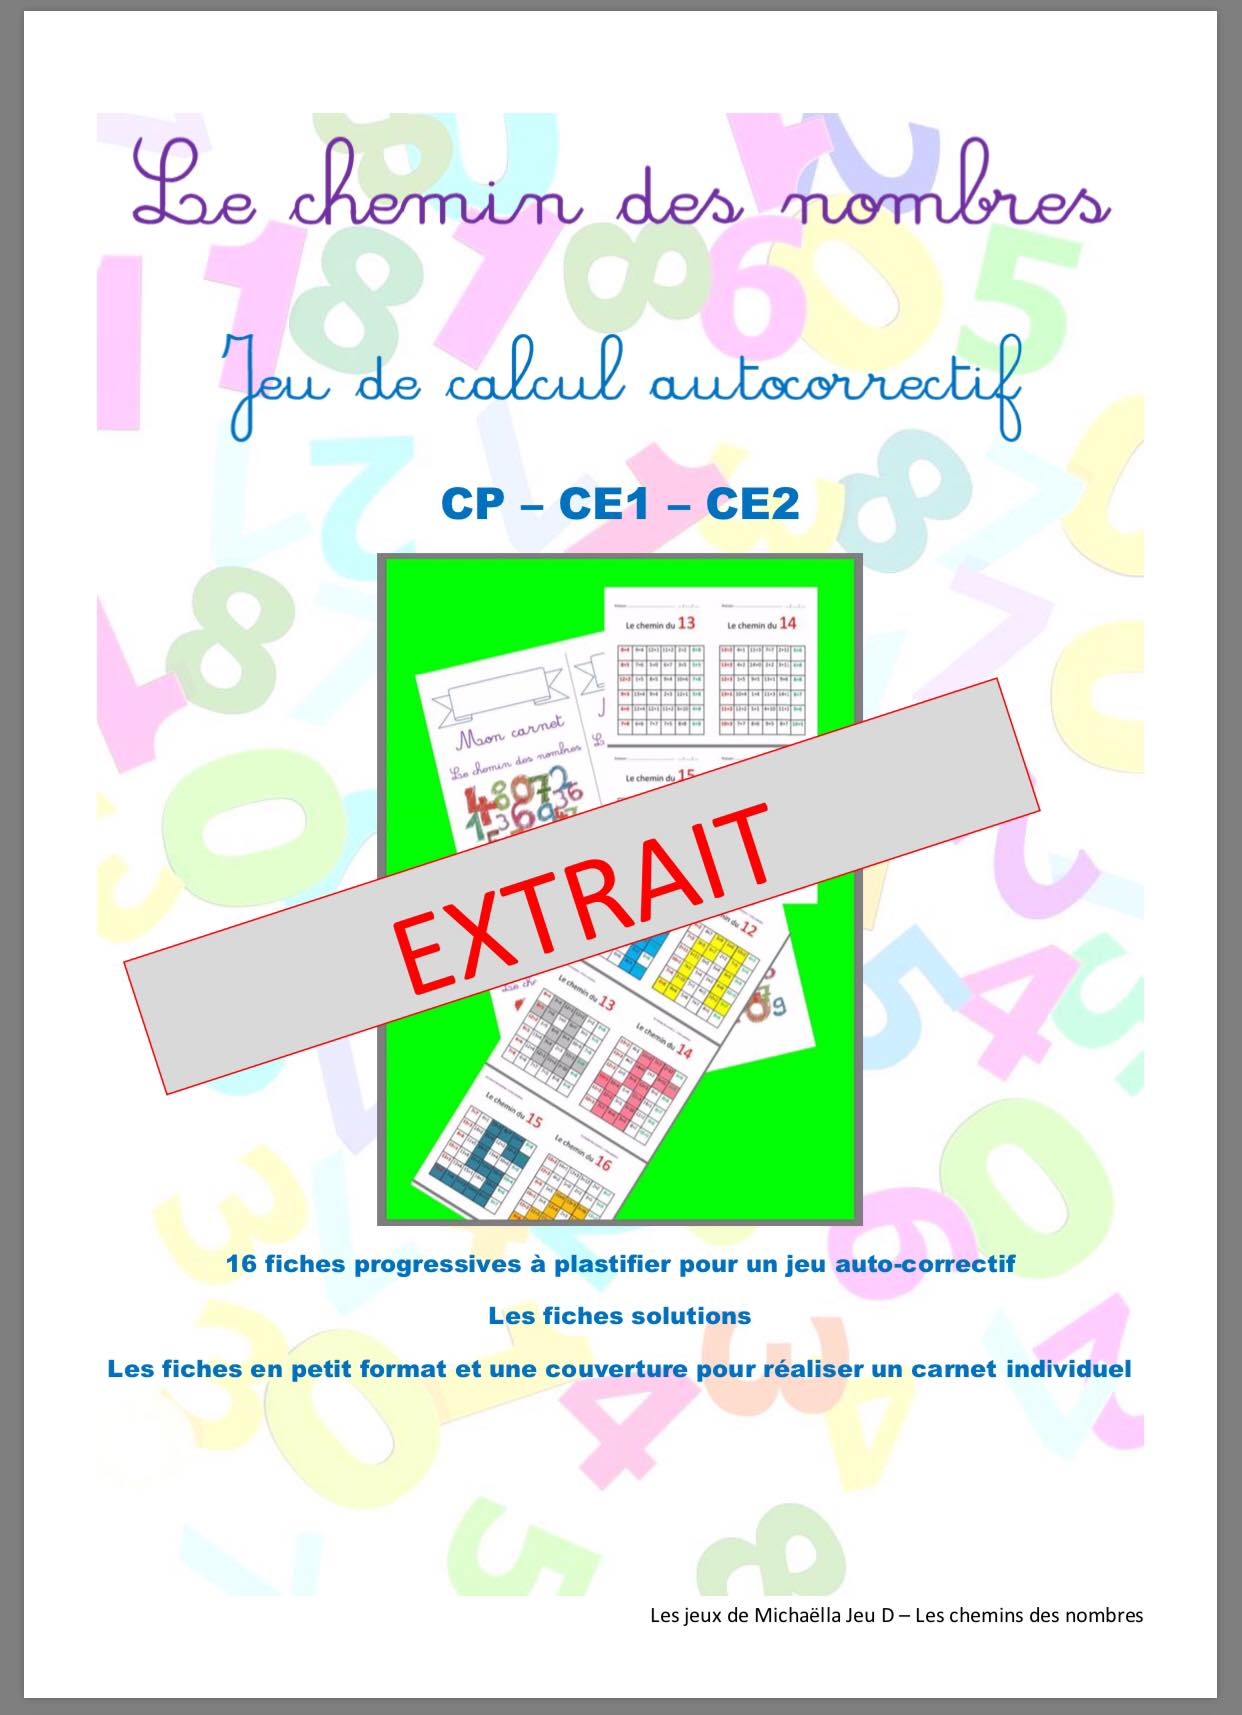 Le Chemin Des Nombres Jeu Mathematique Extrait Gratuit Mathematiques Ce1 Ce2 Cp La Salle Des Maitres